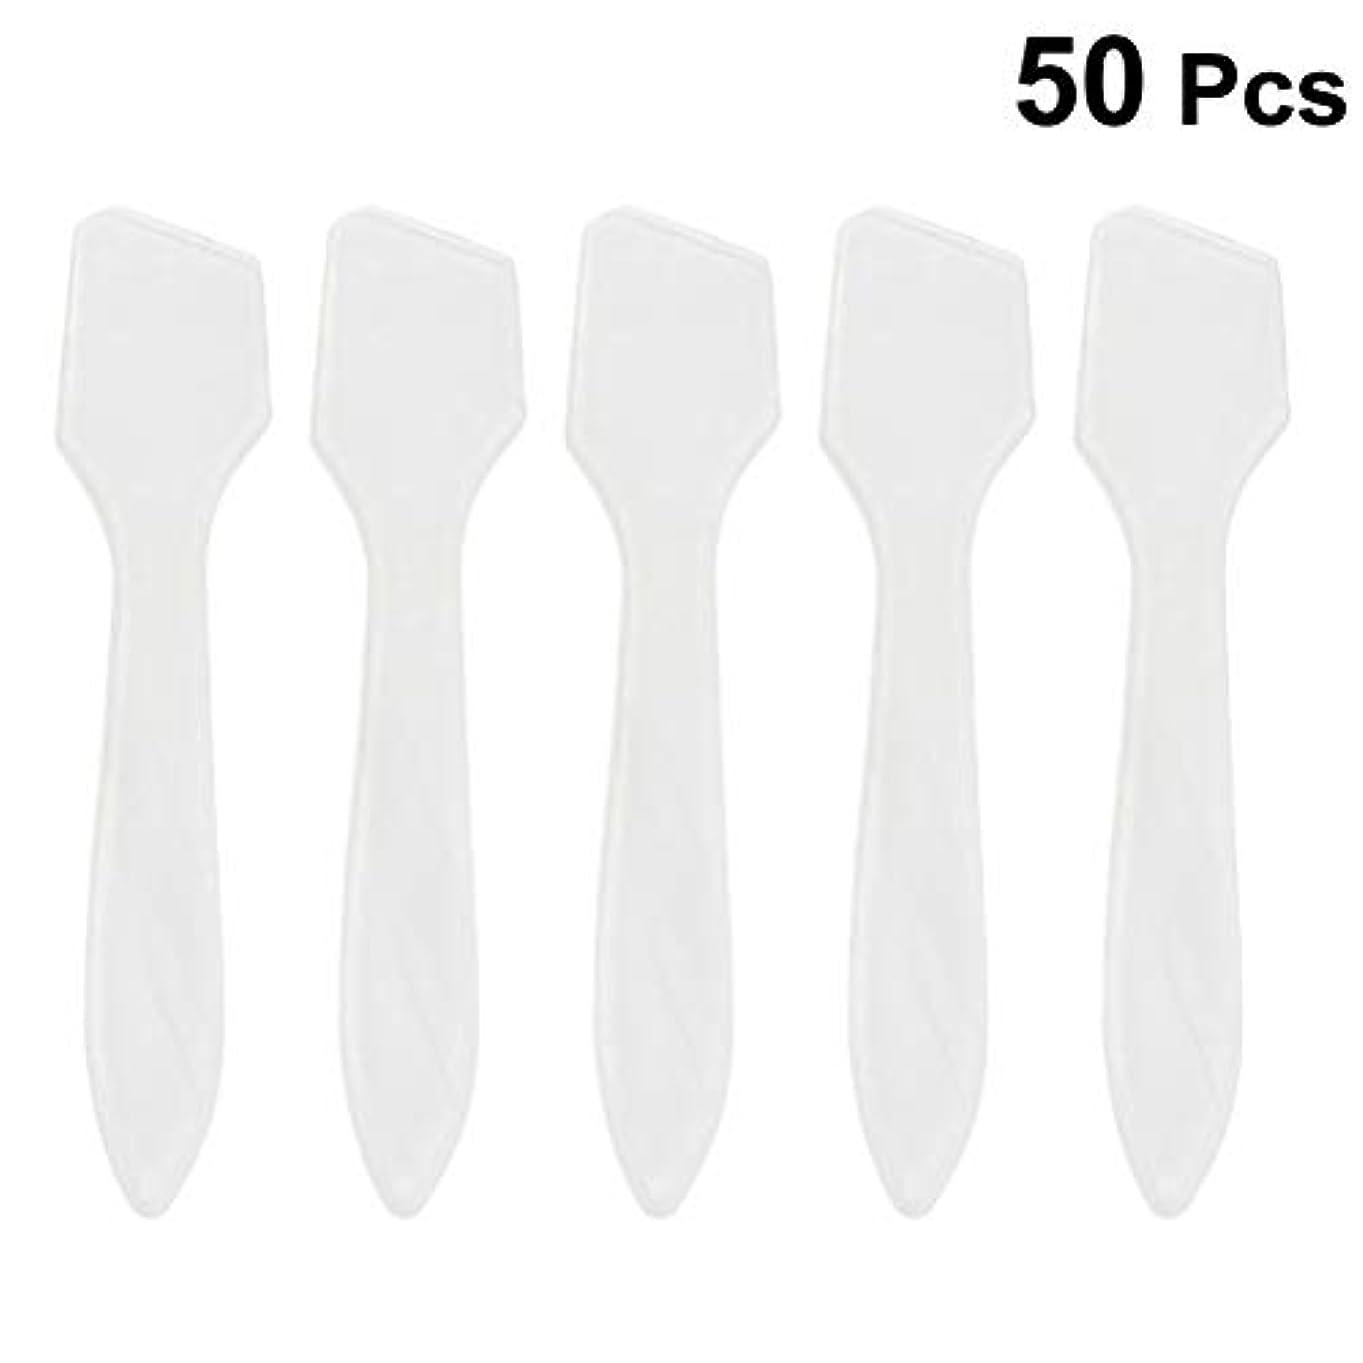 ランク貪欲下SUPVOX 50ピース化粧品スキンケアフェイスクリームマスク混合ヘラアプリケータツール